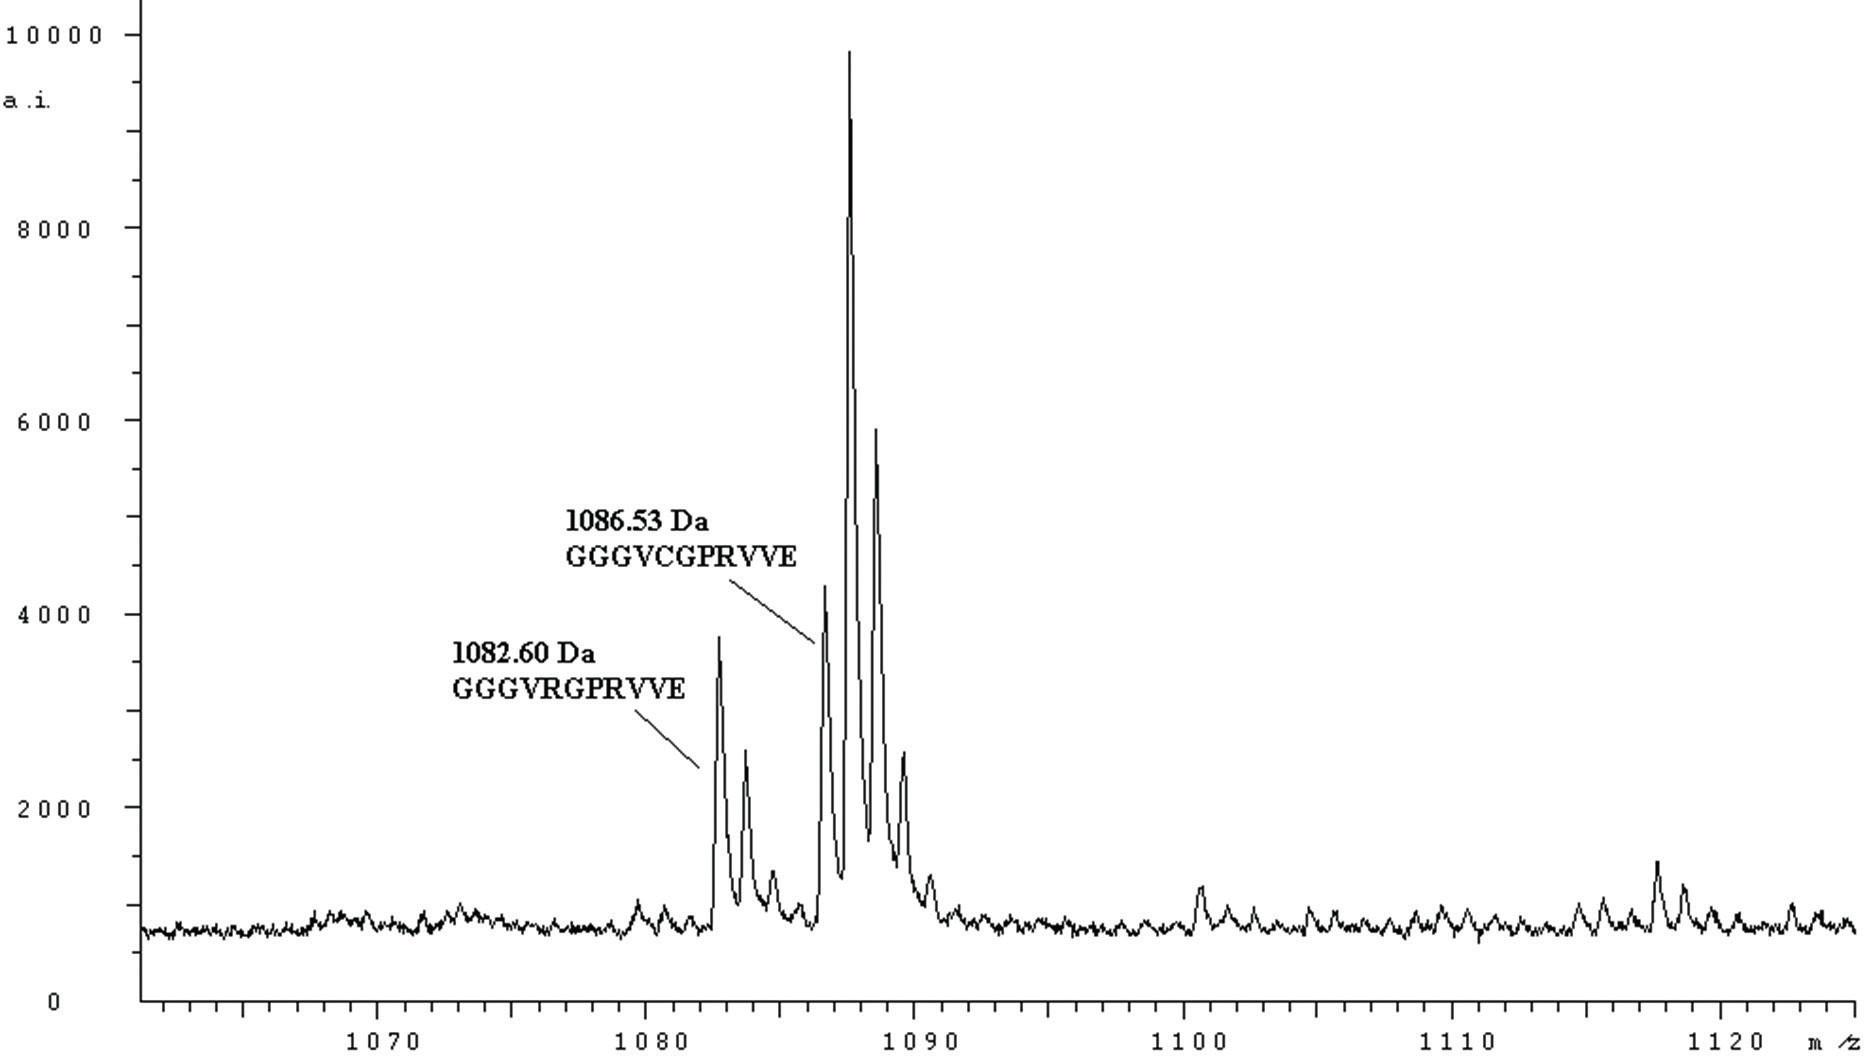 MH<sup>+</sup> spektrum peptidů fibrinogenu Nový Jičín (štěpeno endopeptidasou Glu-C) odpovídající sekvenci Aα 12 – 22